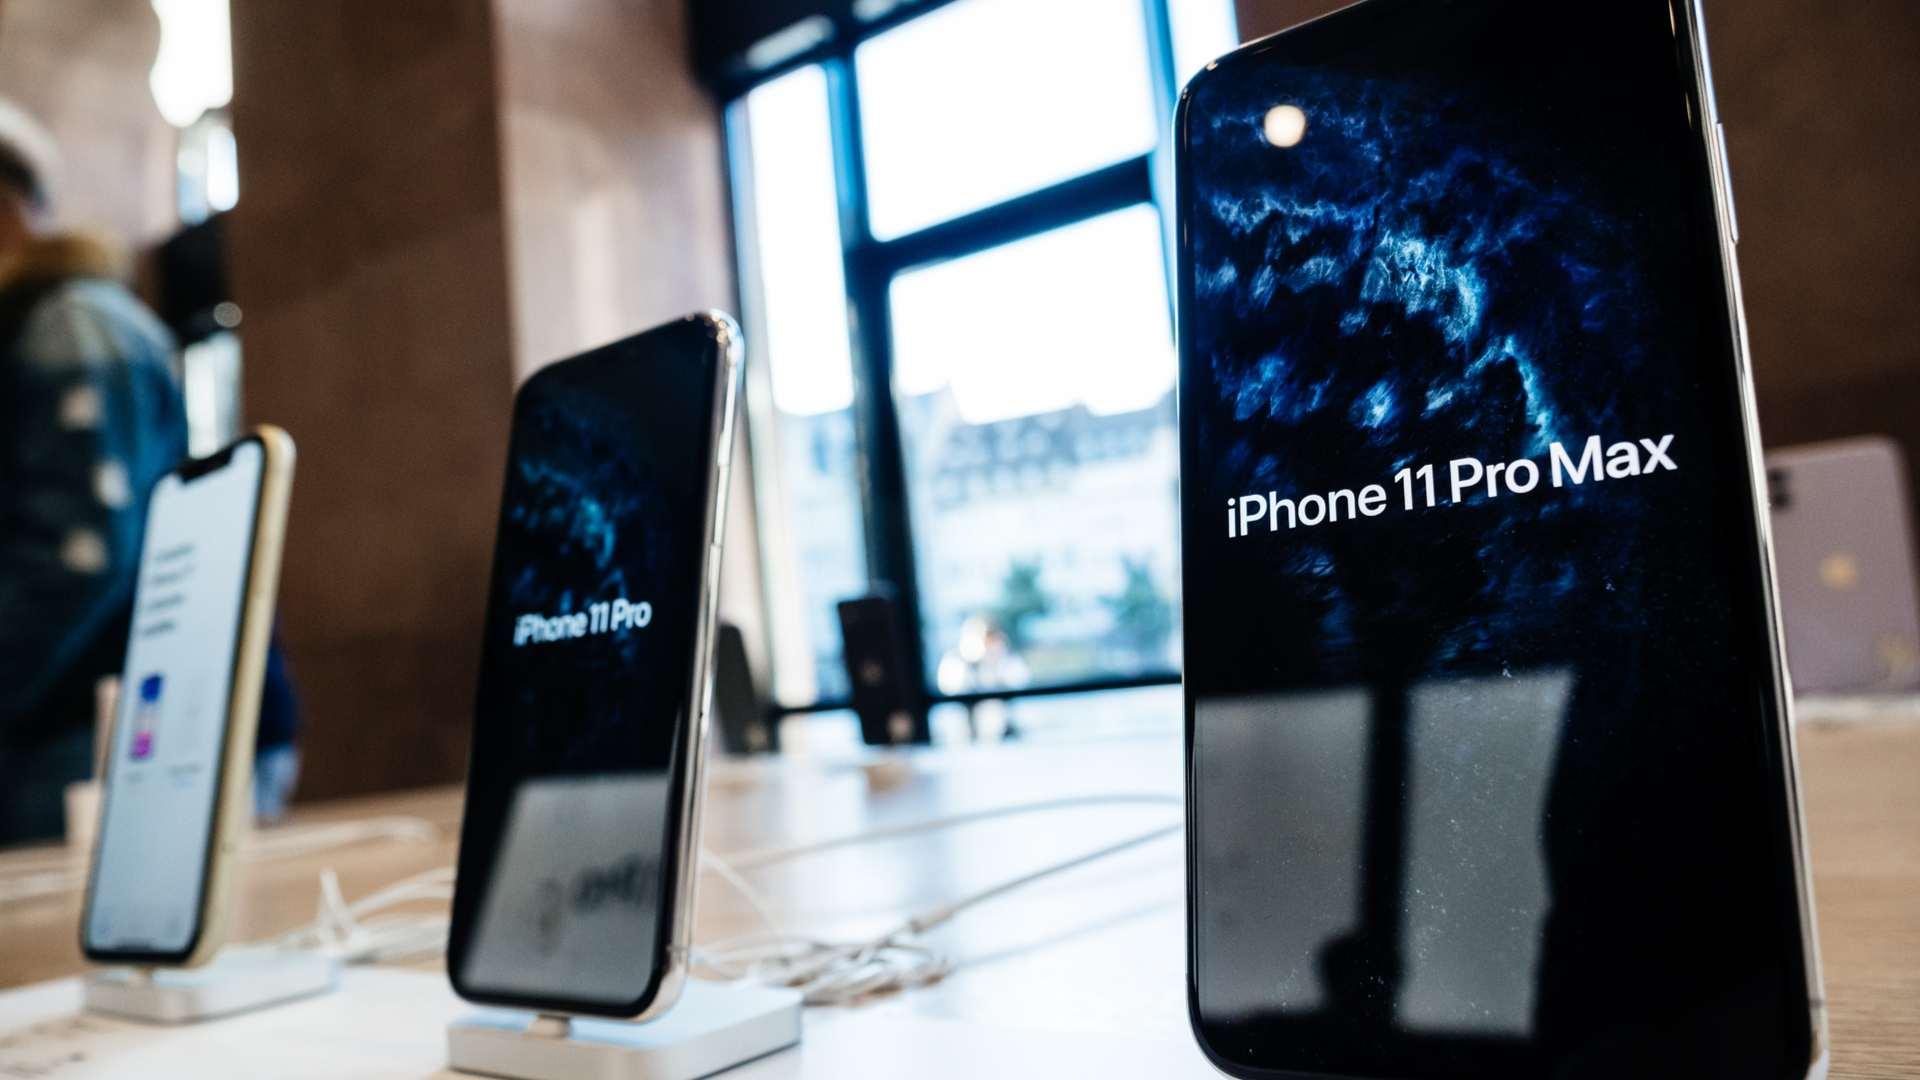 iPhone 11 Pro MAx sendo exibido em um painel de vendas